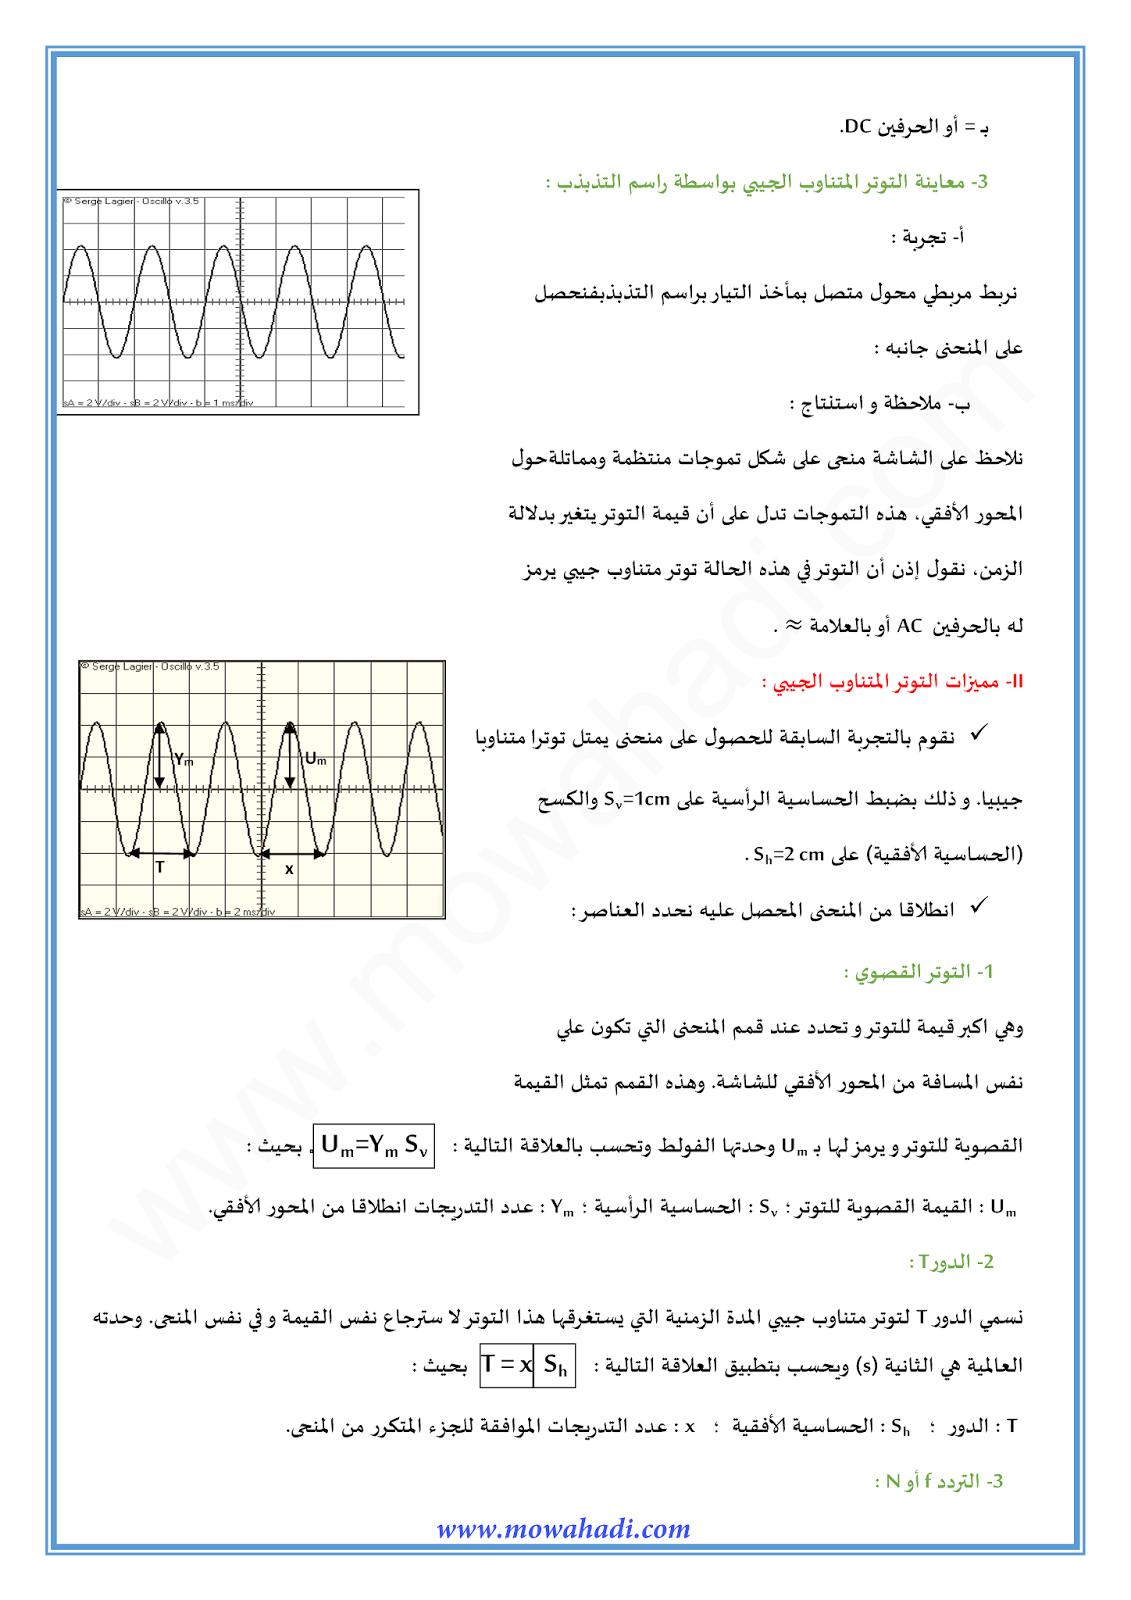 التيار الكهربائي المتناوب الجيبي-1